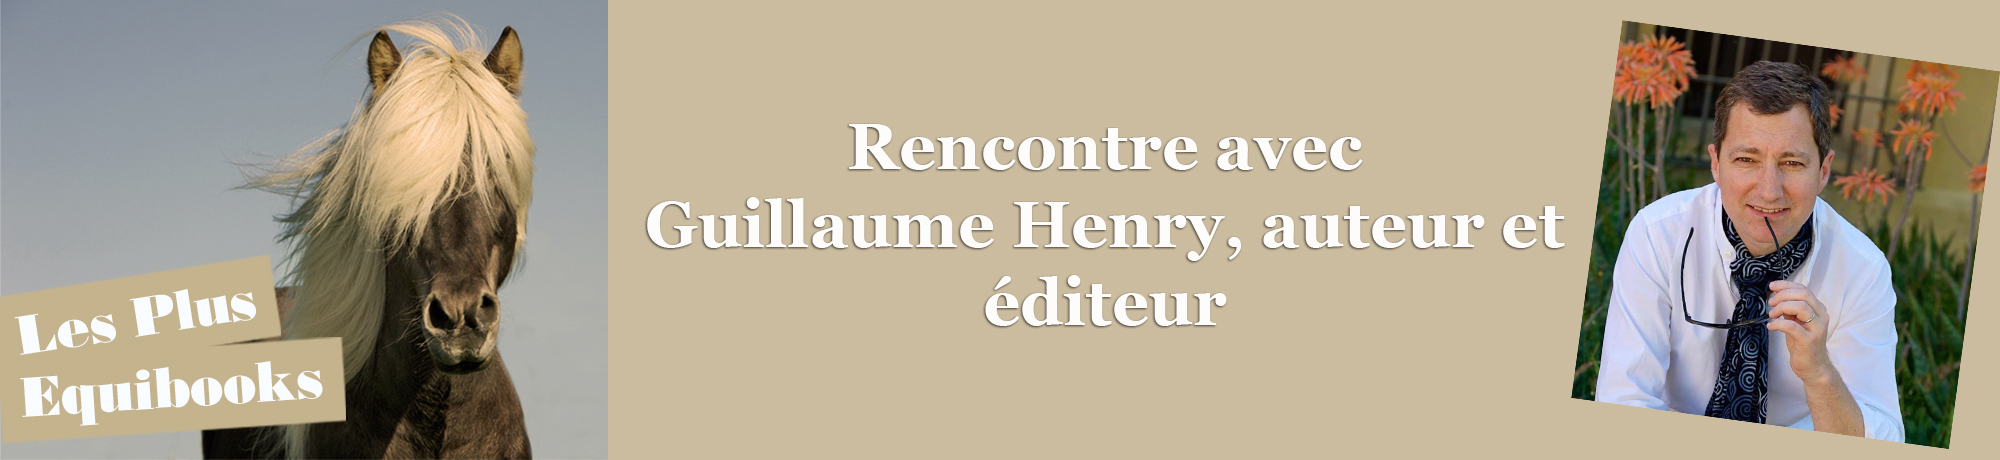 n°1 / Rencontre avec Guillaume Henry, auteur et éditeur